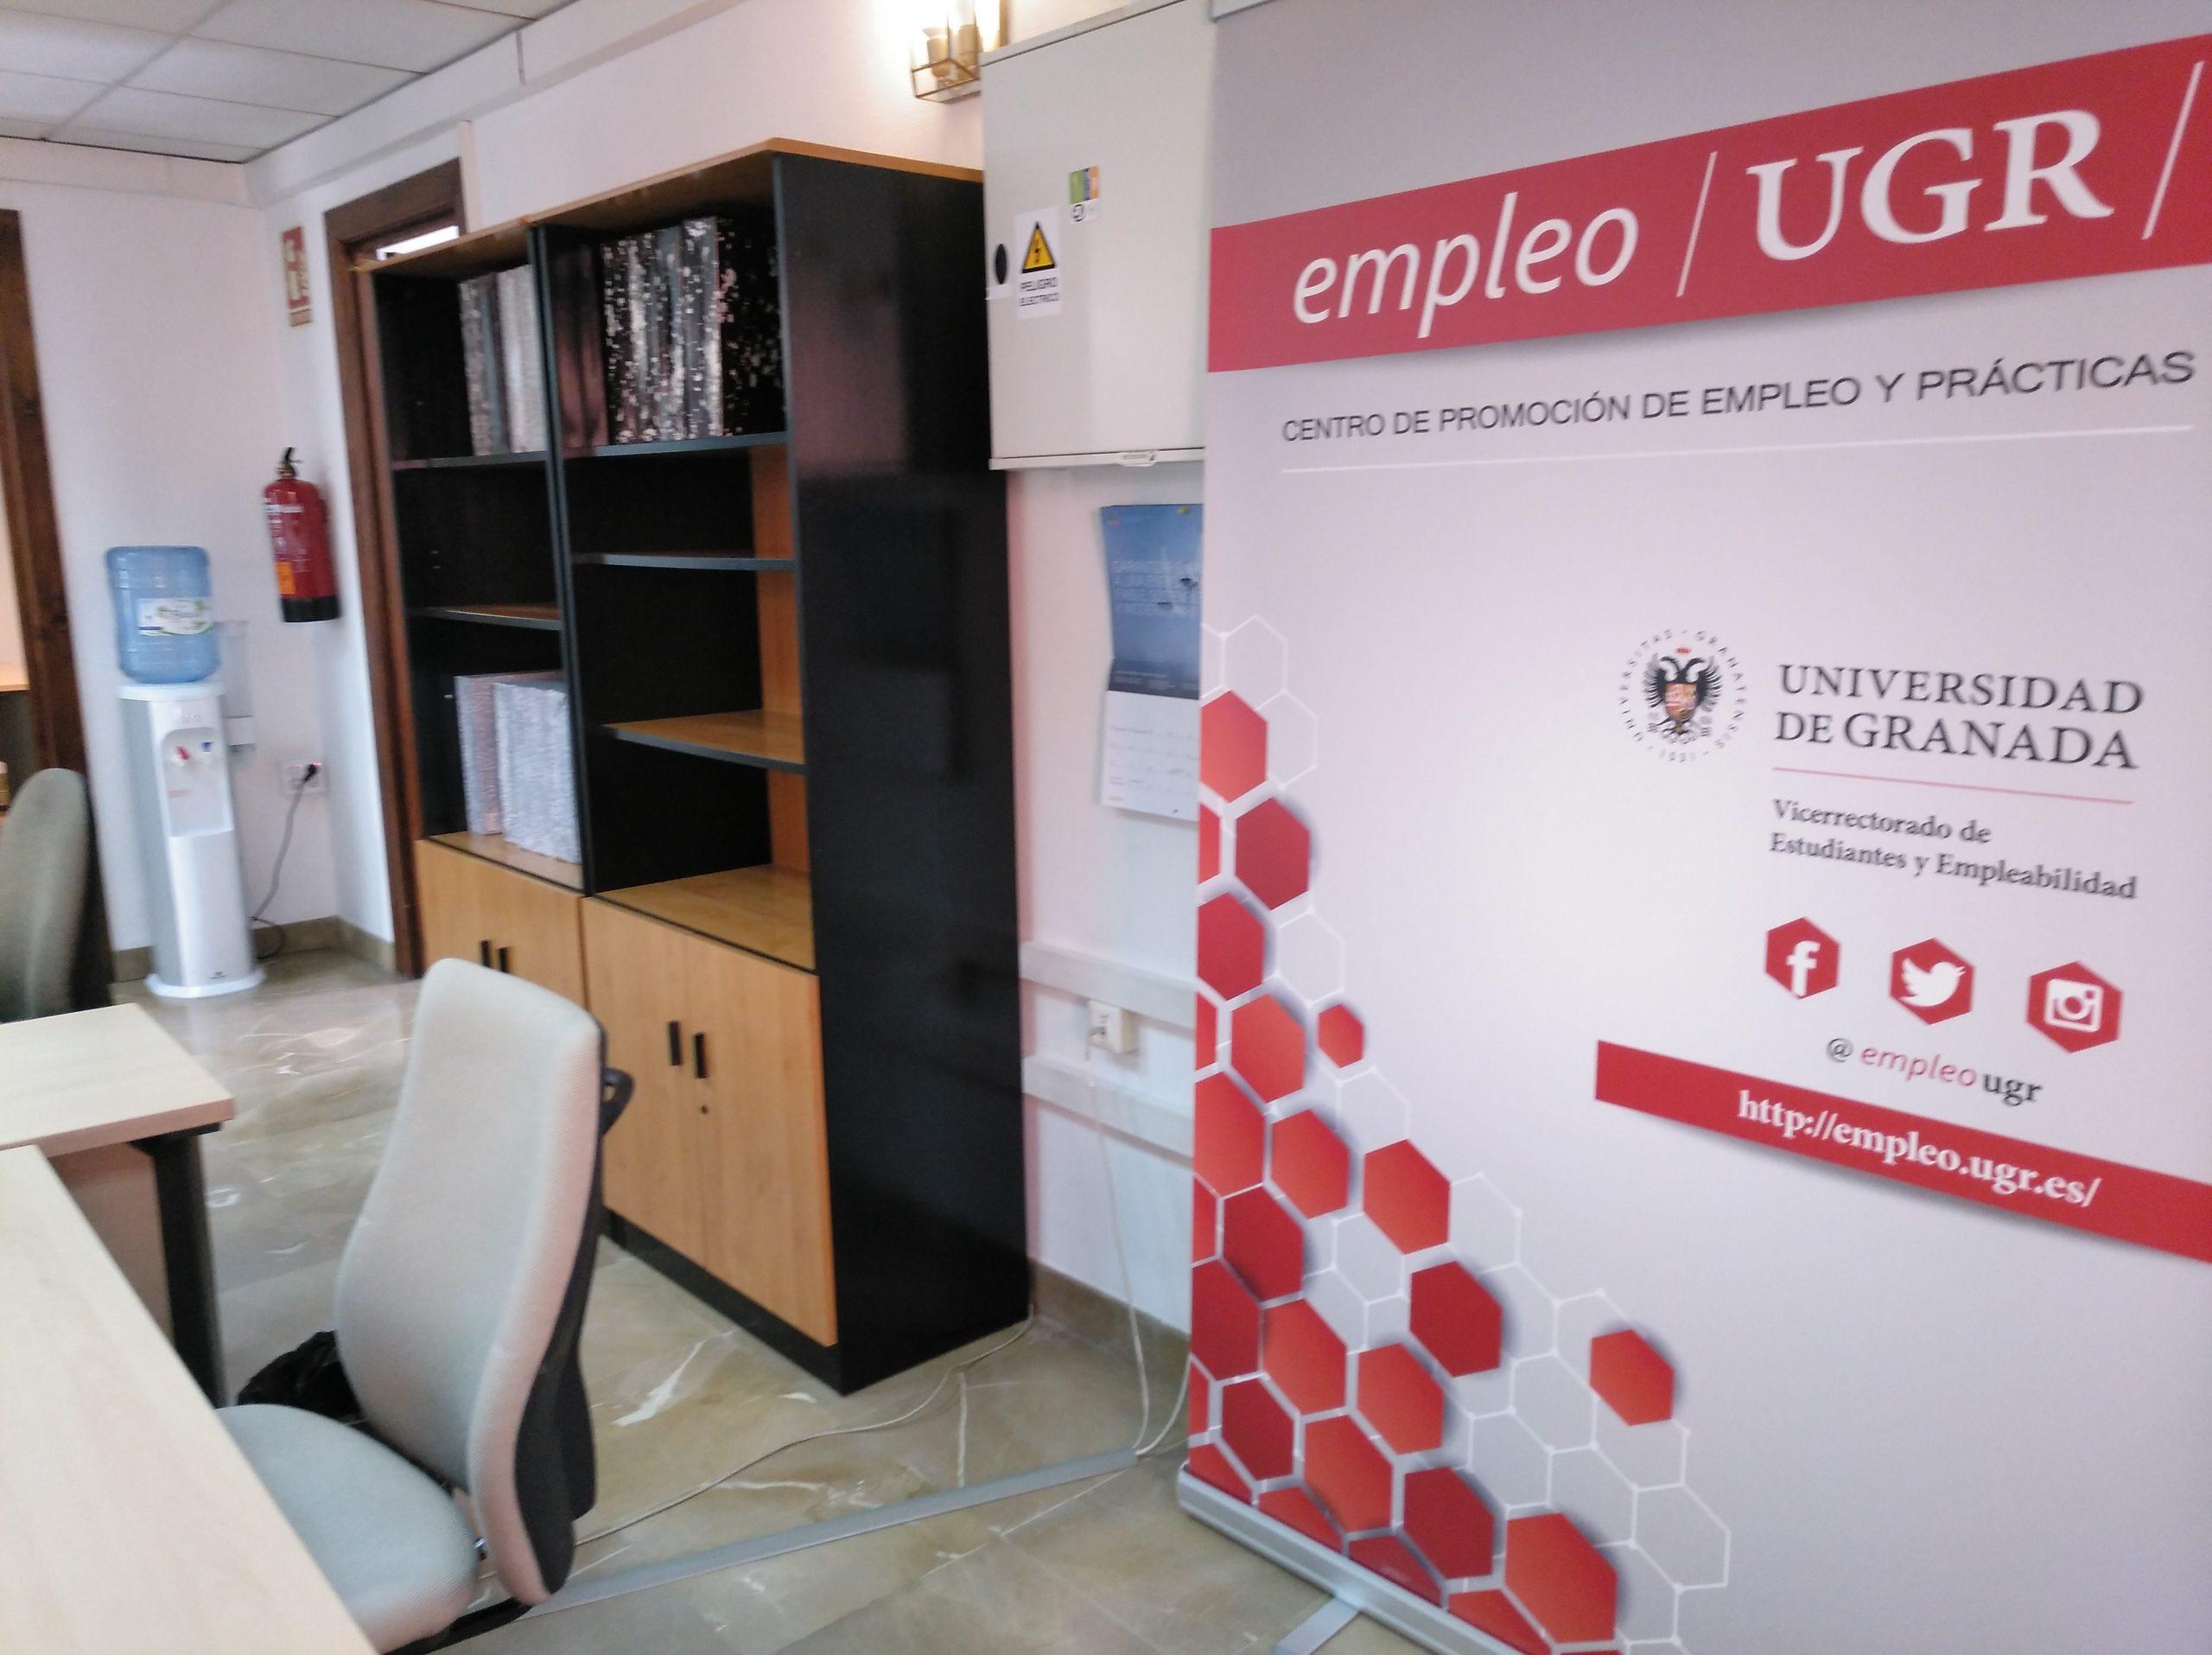 Imagen de portada de Consulta el Plan de atención del Centro de Promoción de Empleo y Prácticas de la UGR